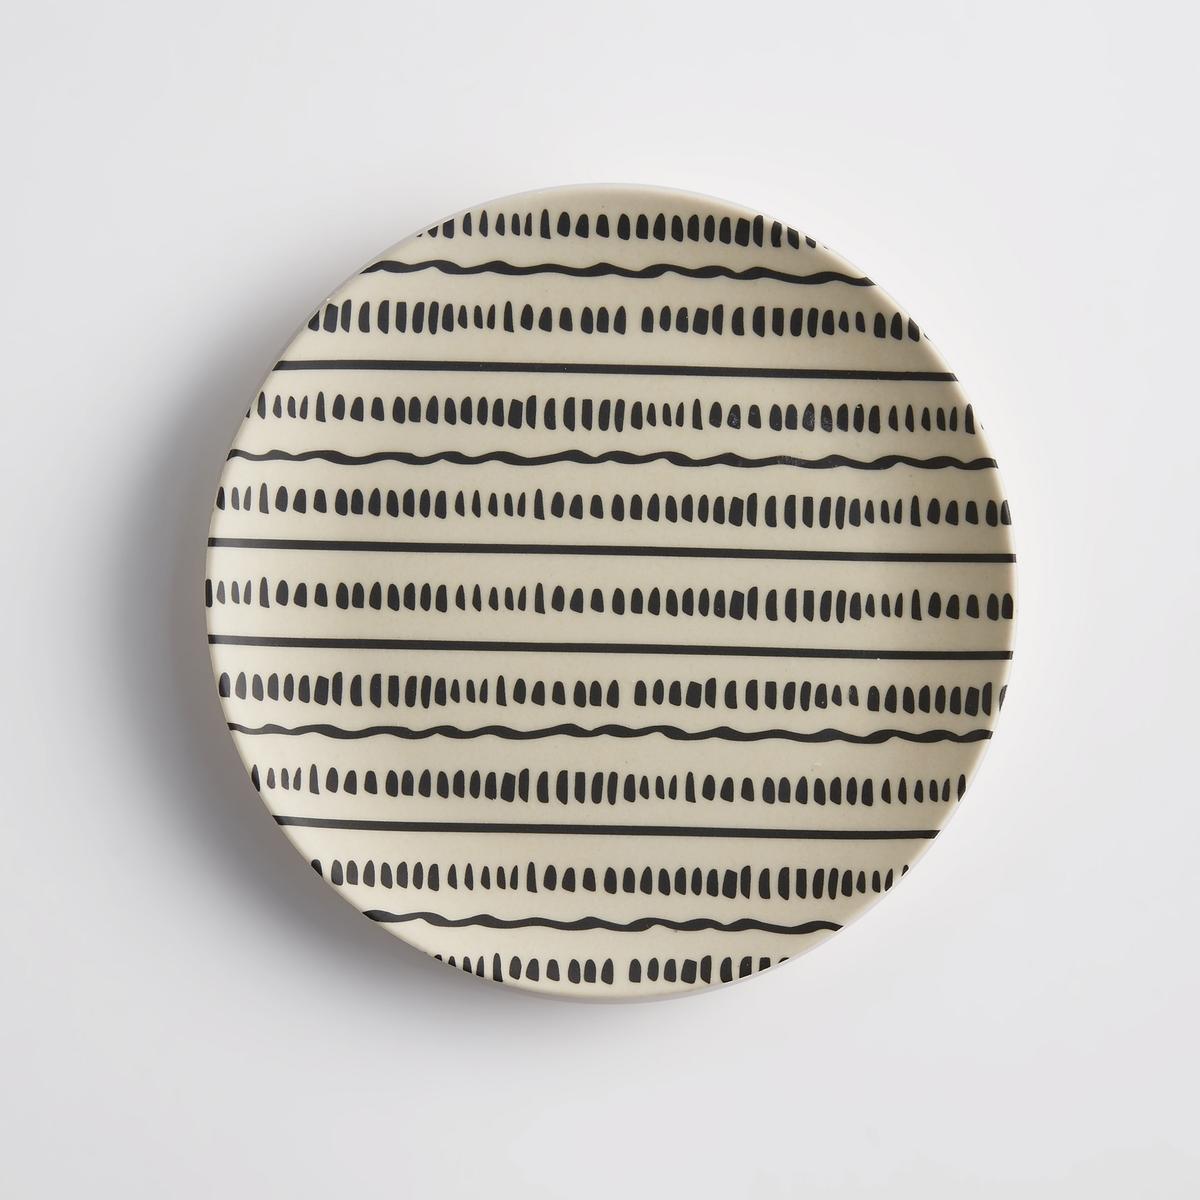 Комплект из 4 десертных тарелок из бамбука, BAMBOSKAОписание:Экзотический материал, графичный этнический стиль : десертные тарелки Bamboska в любых обстоятельствах станут полезным и декоративным предметом.Характеристики 4 десертных тарелок из бамбука Bamboska : •  Бамбук с рисунком, 2 разных узора. •  Не подходят для использования в микроволновой печи и мытья в посудомоечной машинеРазмеры 4 десертных тарелок из бамбука Bamboska : •  ?20 см.Другие модели комплекта и другие коллекции предметов декора стола вы можете найти на сайте laredoute.ru<br><br>Цвет: набивной рисунок